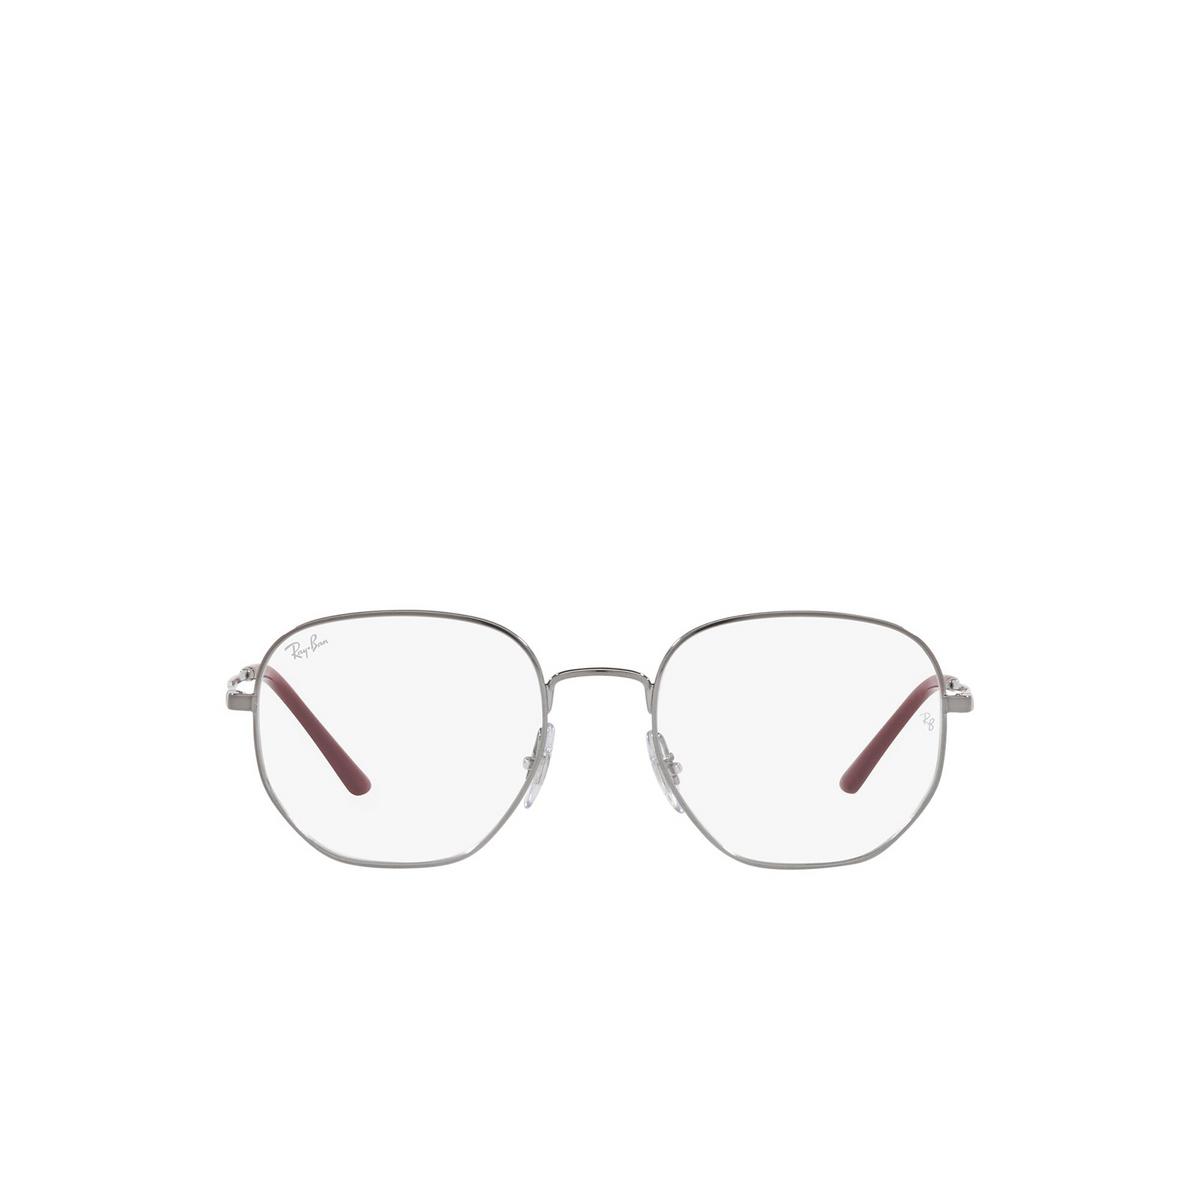 Ray-Ban® Irregular Eyeglasses: RX3682V color Gunmetal 2502 - front view.